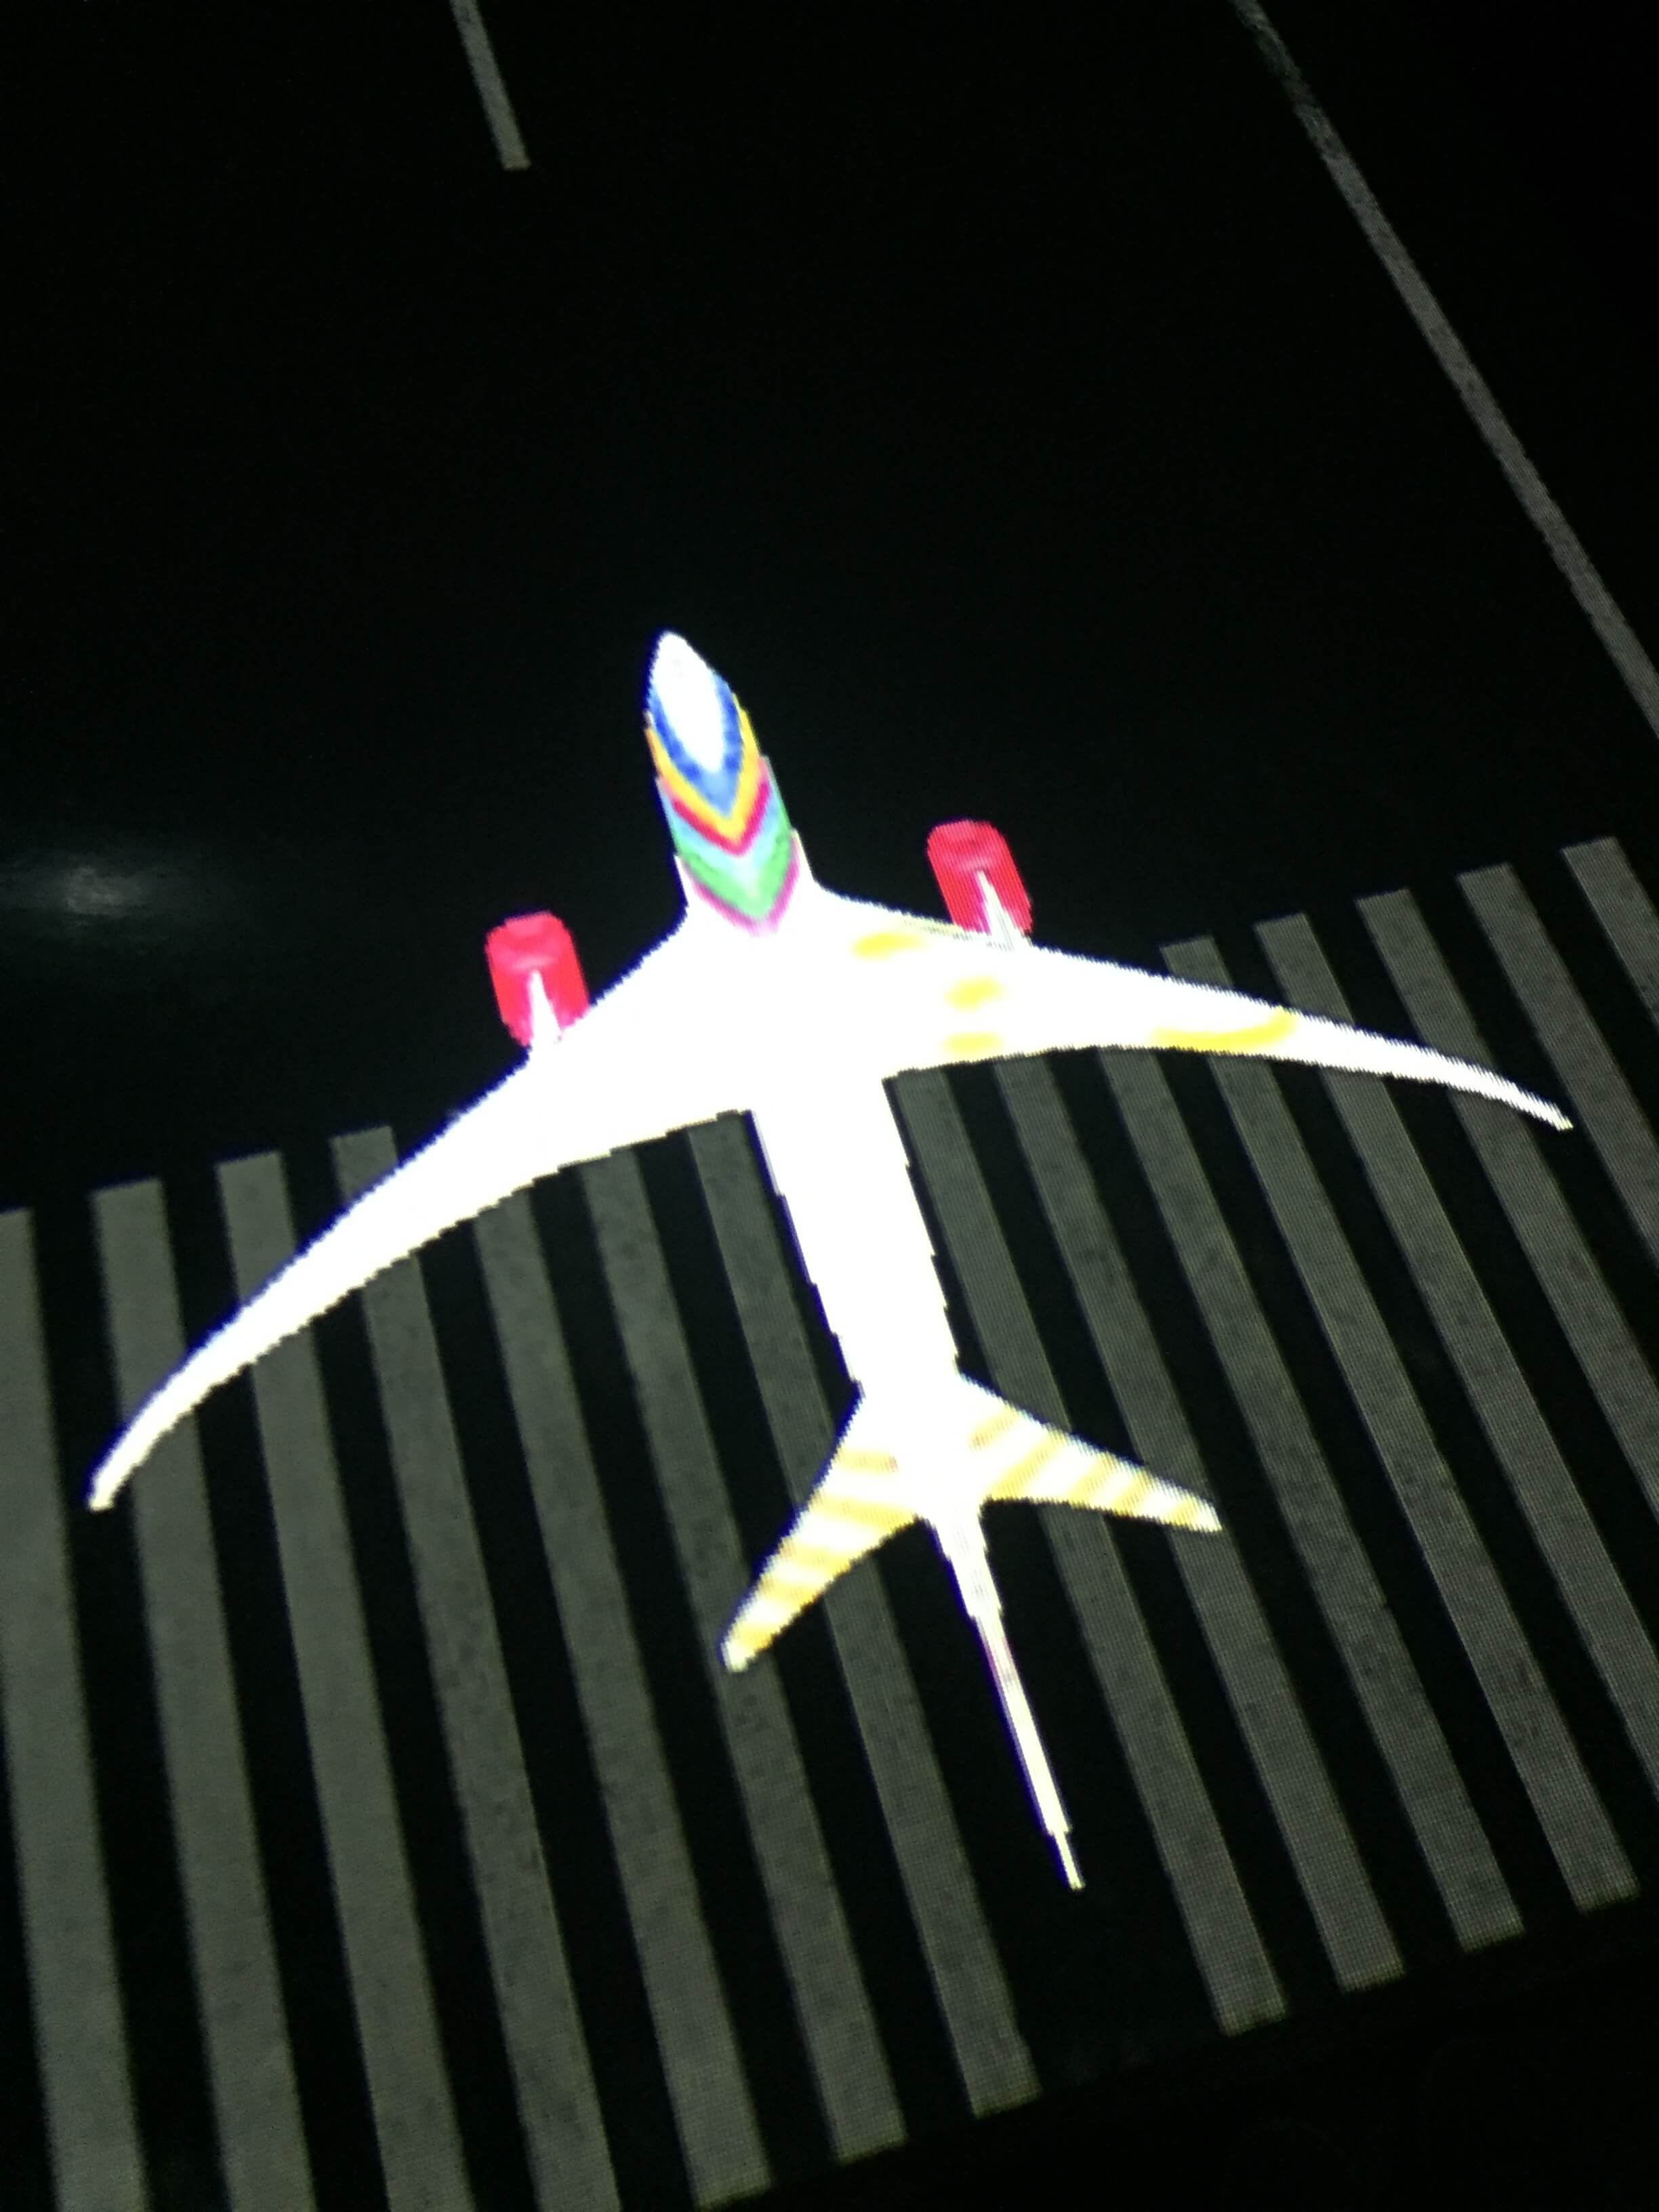 [teamlab & 飛行機⁉︎]シアトル気分が味わえるテーマパーク[中部空港]_1_4-1